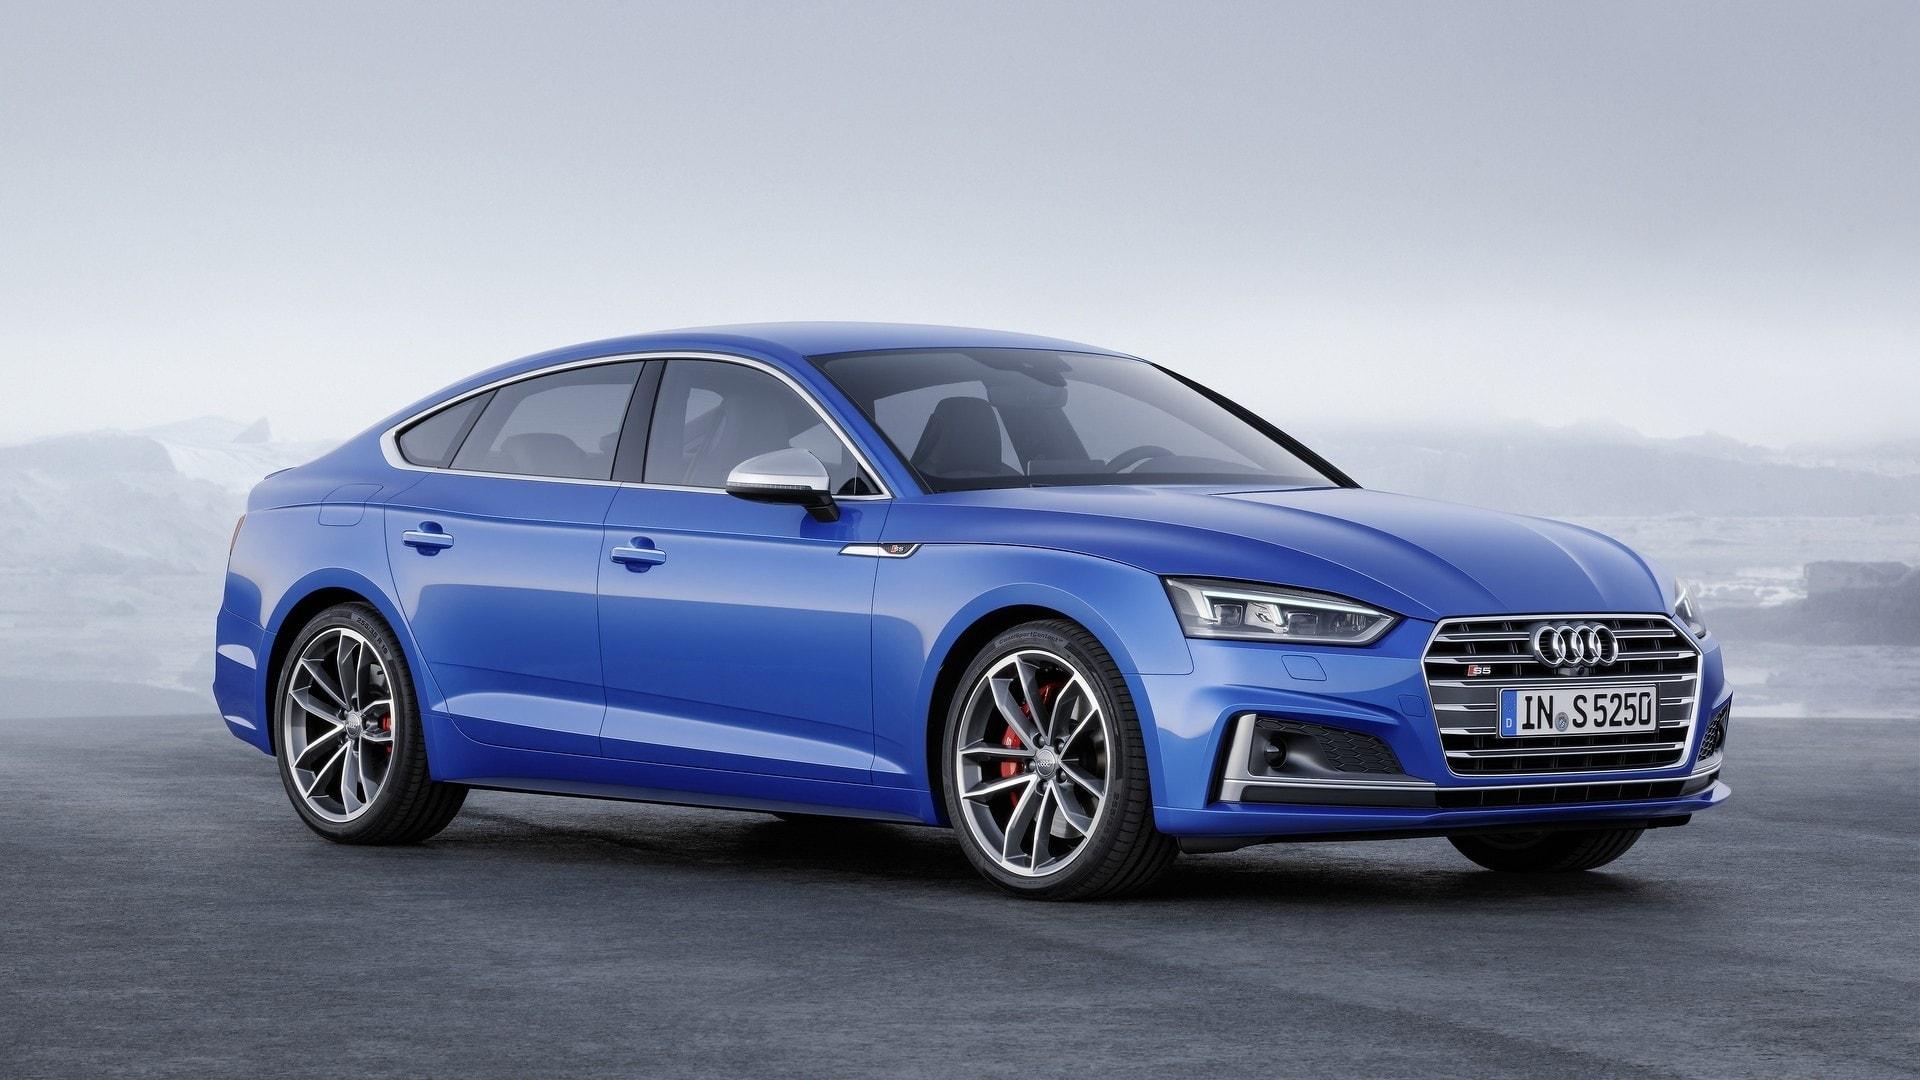 Audi A5 Sportback Ii Hd Wallpapers 7wallpapersnet